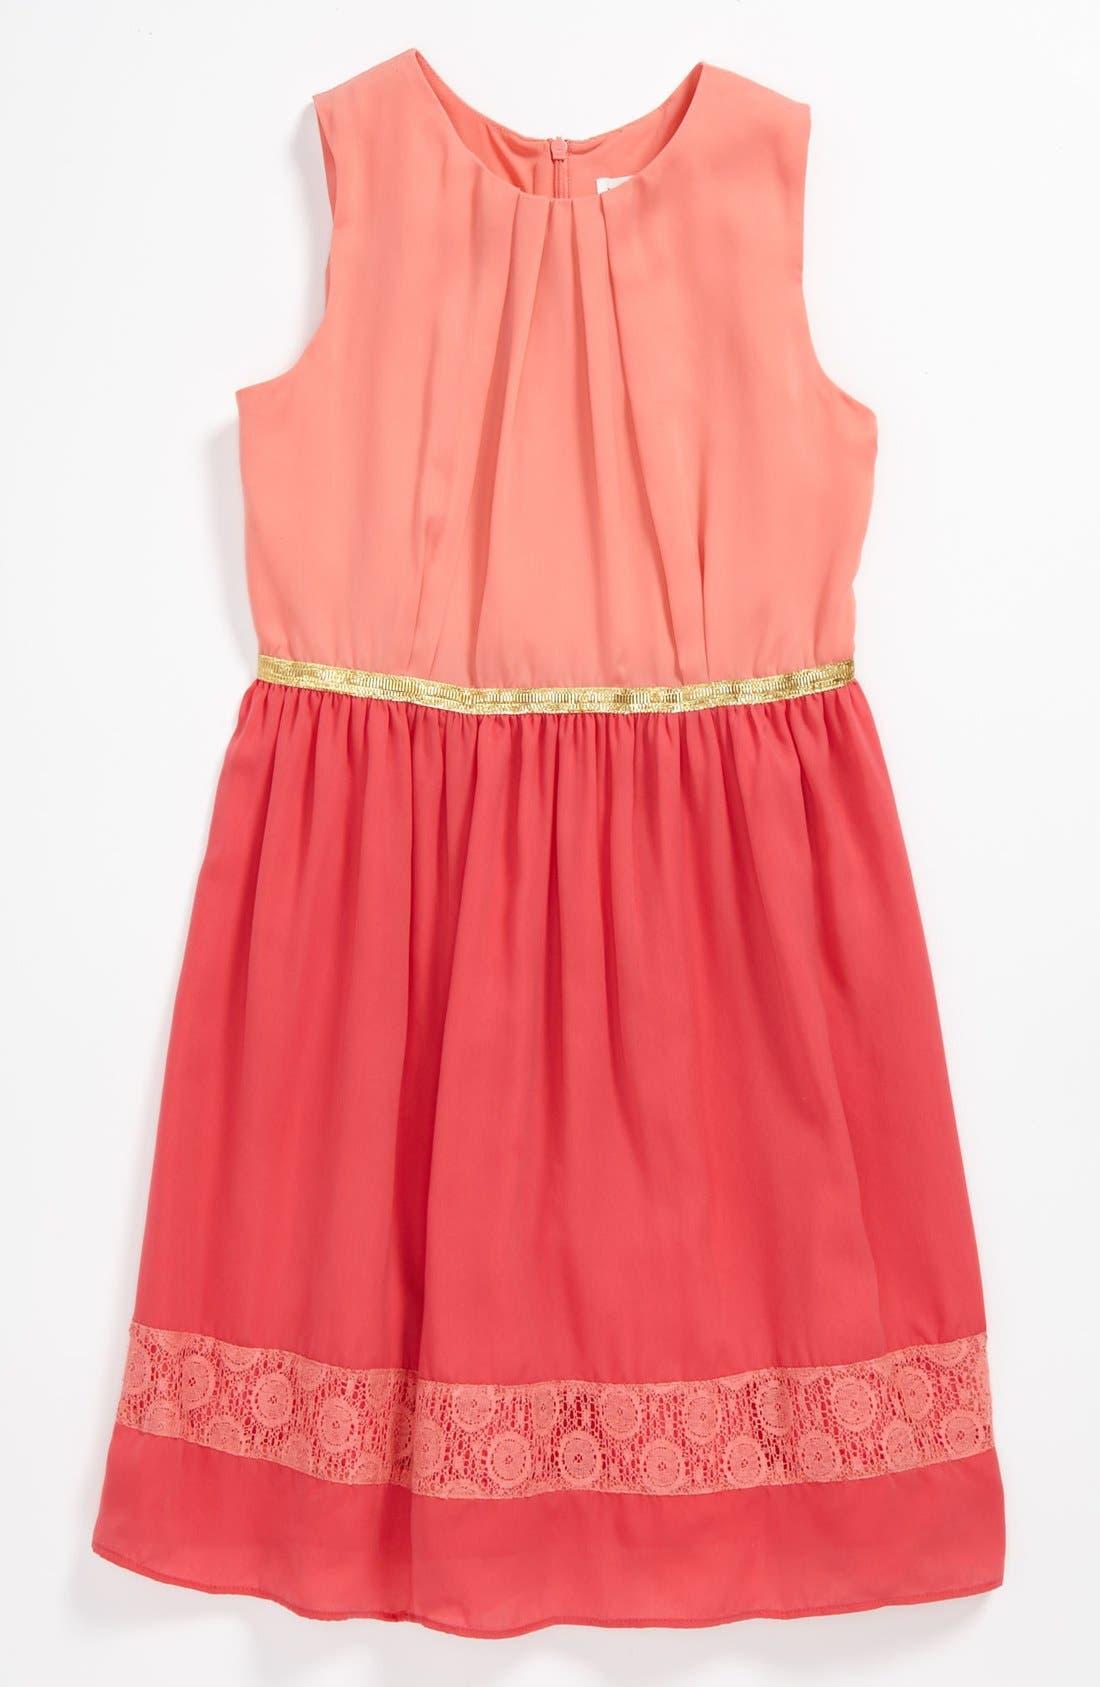 Main Image - BLUSH by Us Angels Chiffon Dress (Big Girls)